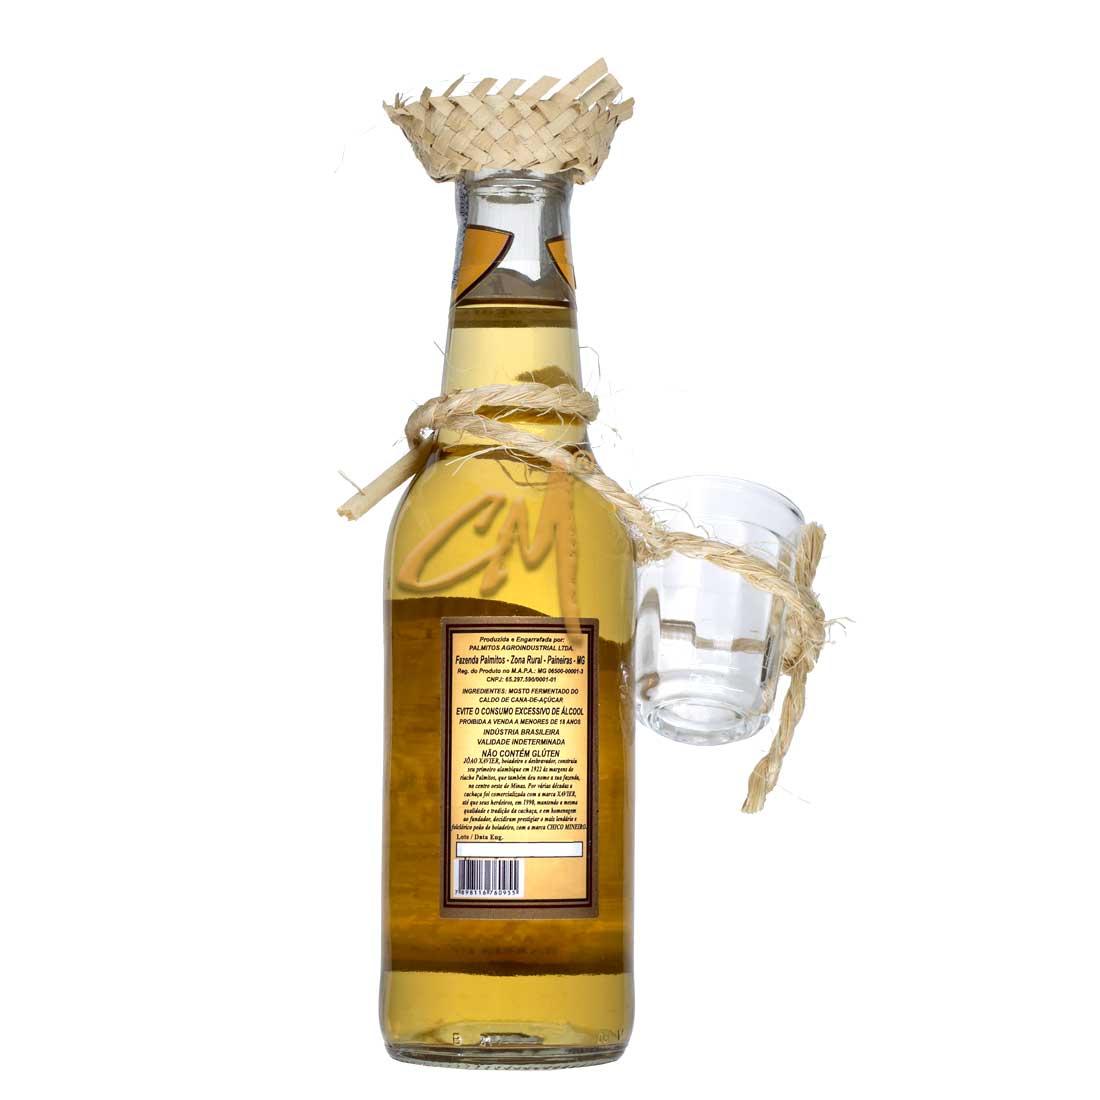 Cachaça Chico Mineiro Ouro 355 ml - Kit Caipira (Abaeté - MG)